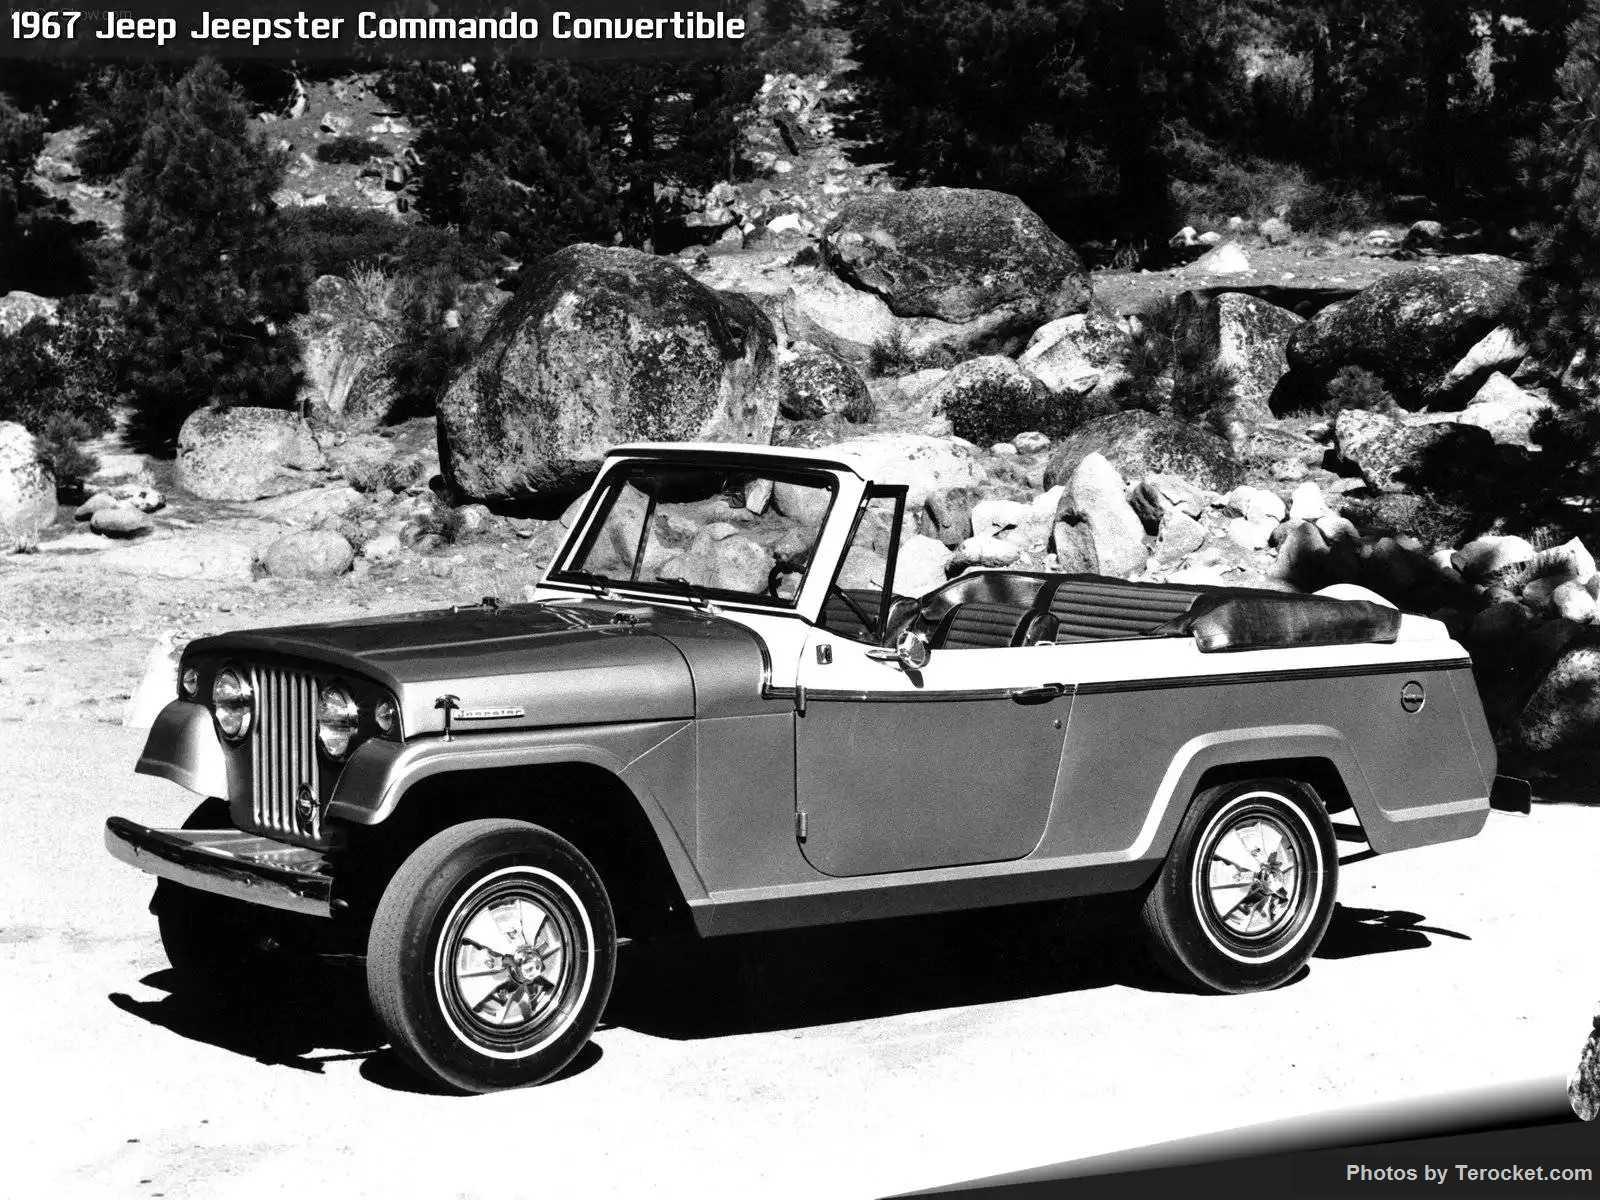 Hình ảnh xe ô tô Jeep Jeepster Commando Convertible 1967 & nội ngoại thất